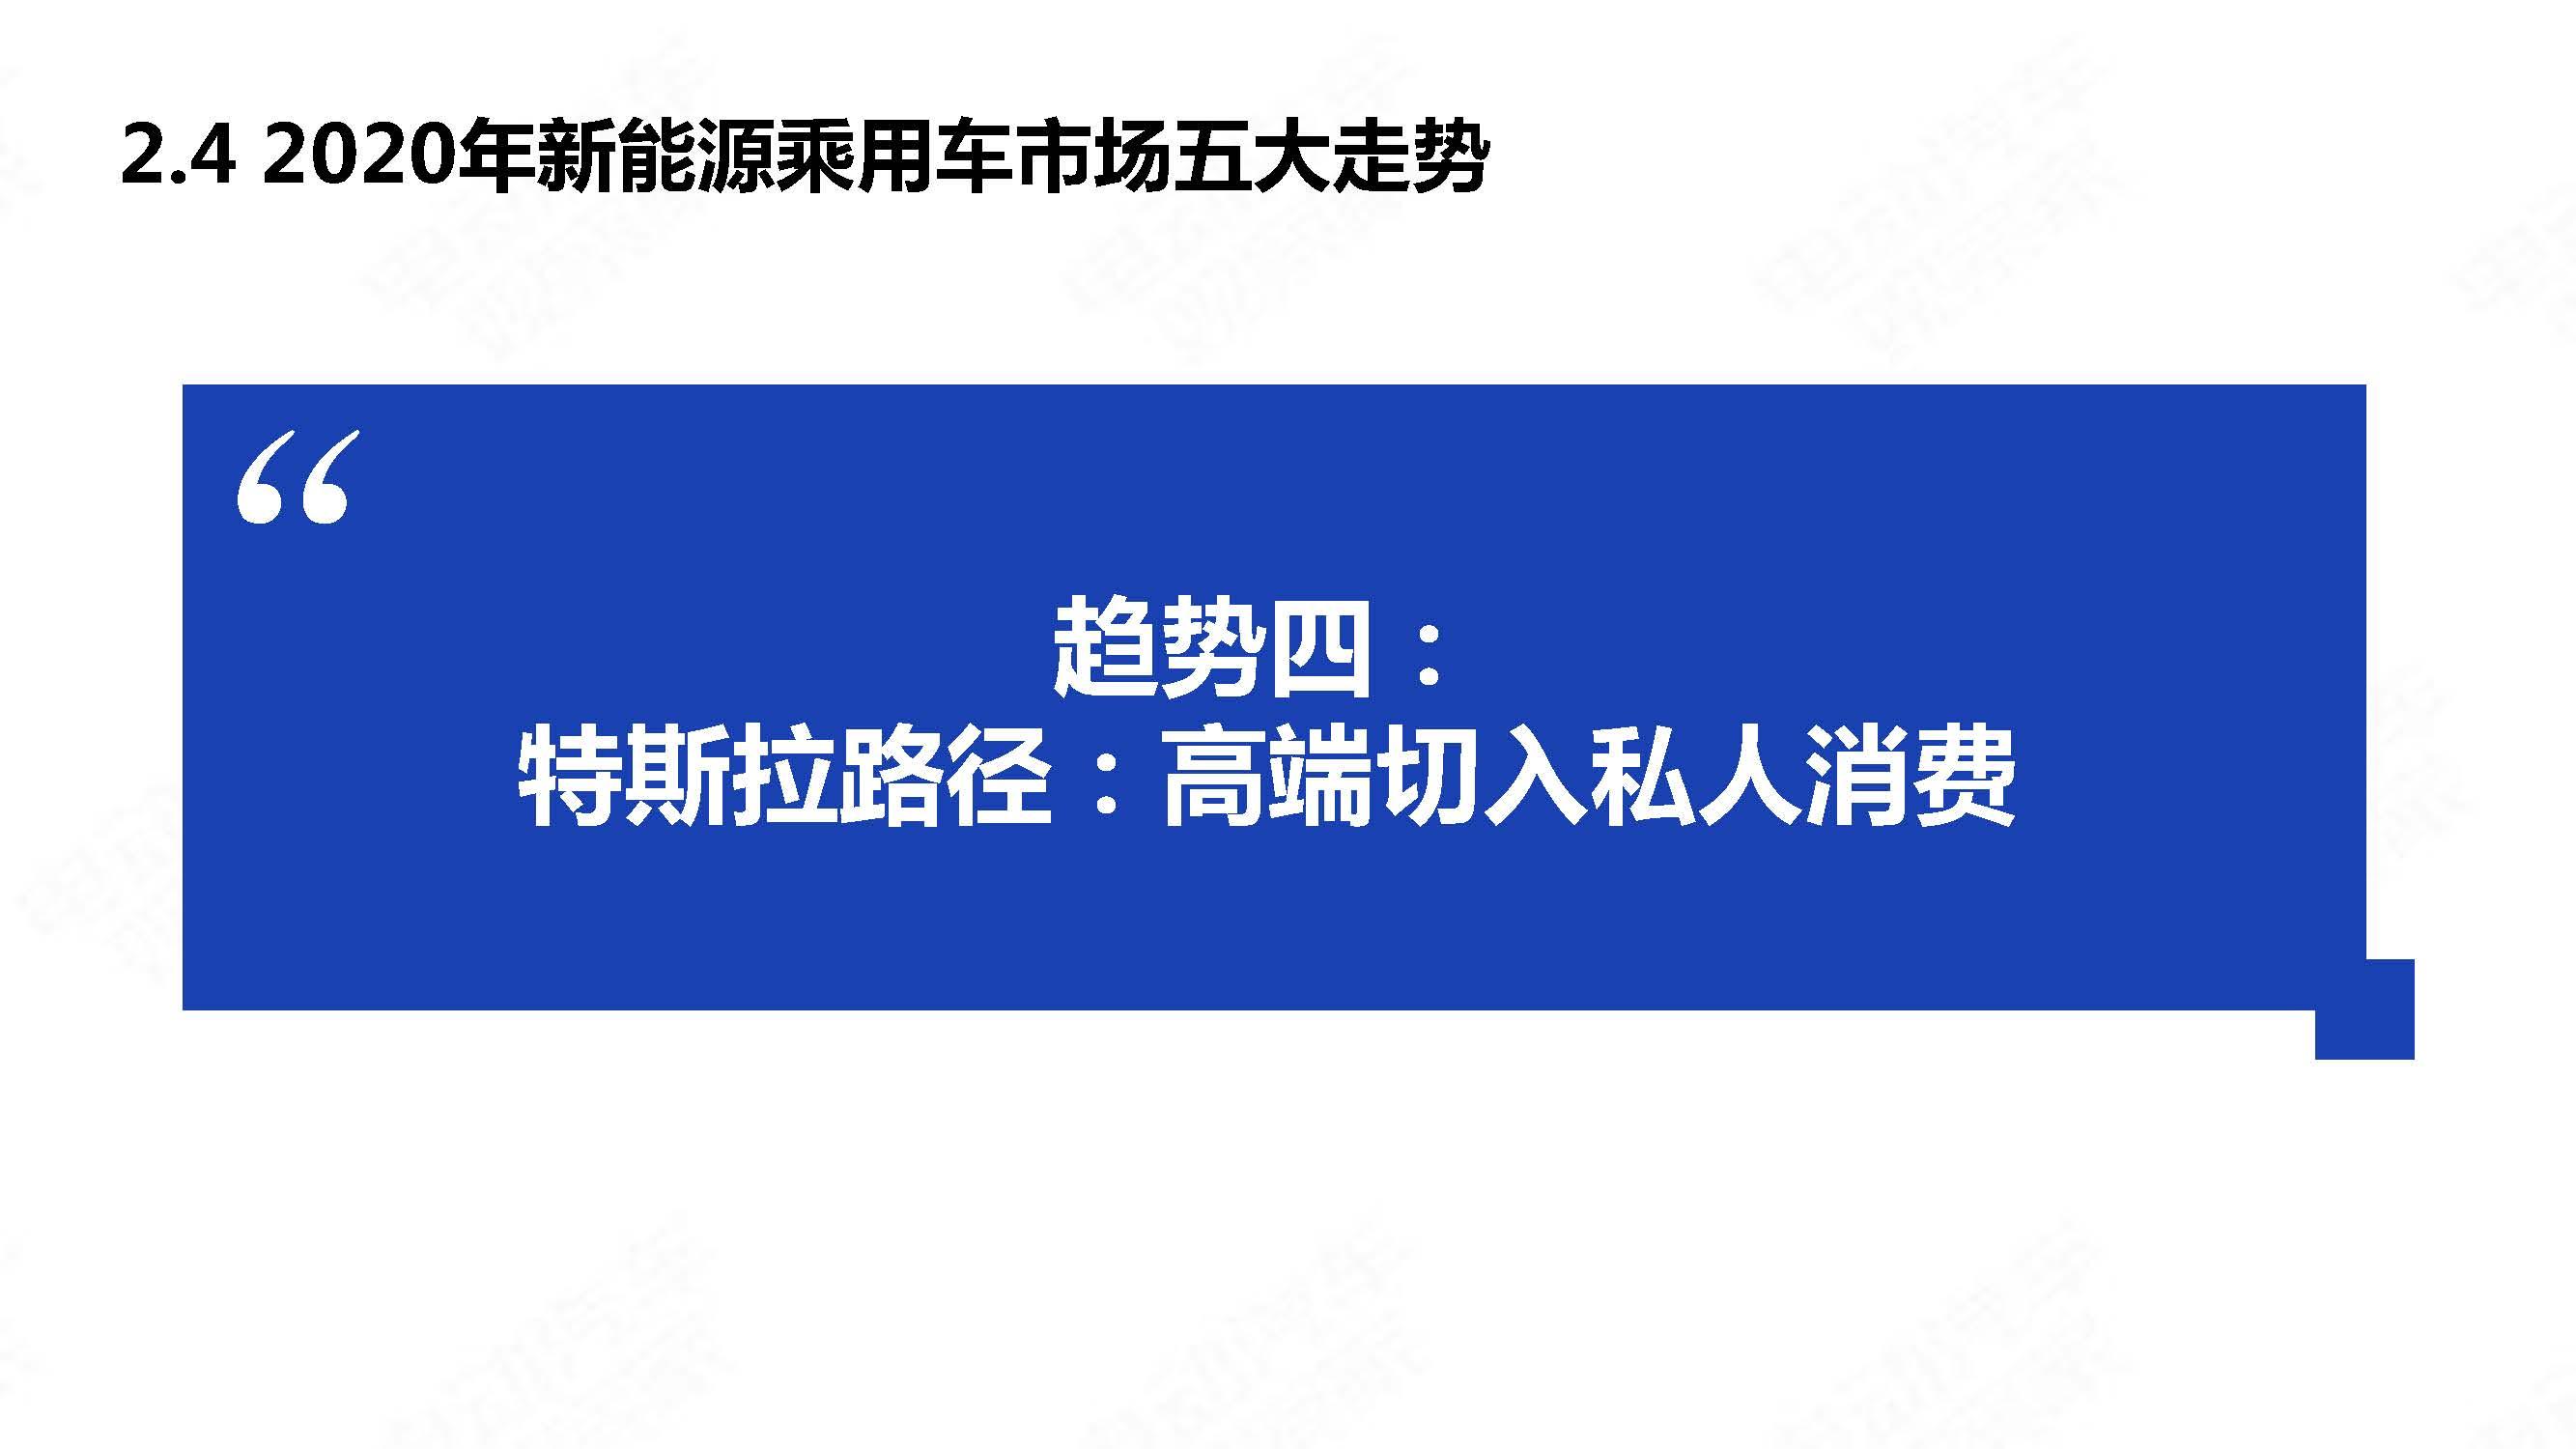 中国新能源汽车产业年度观察2020 简版_页面_22